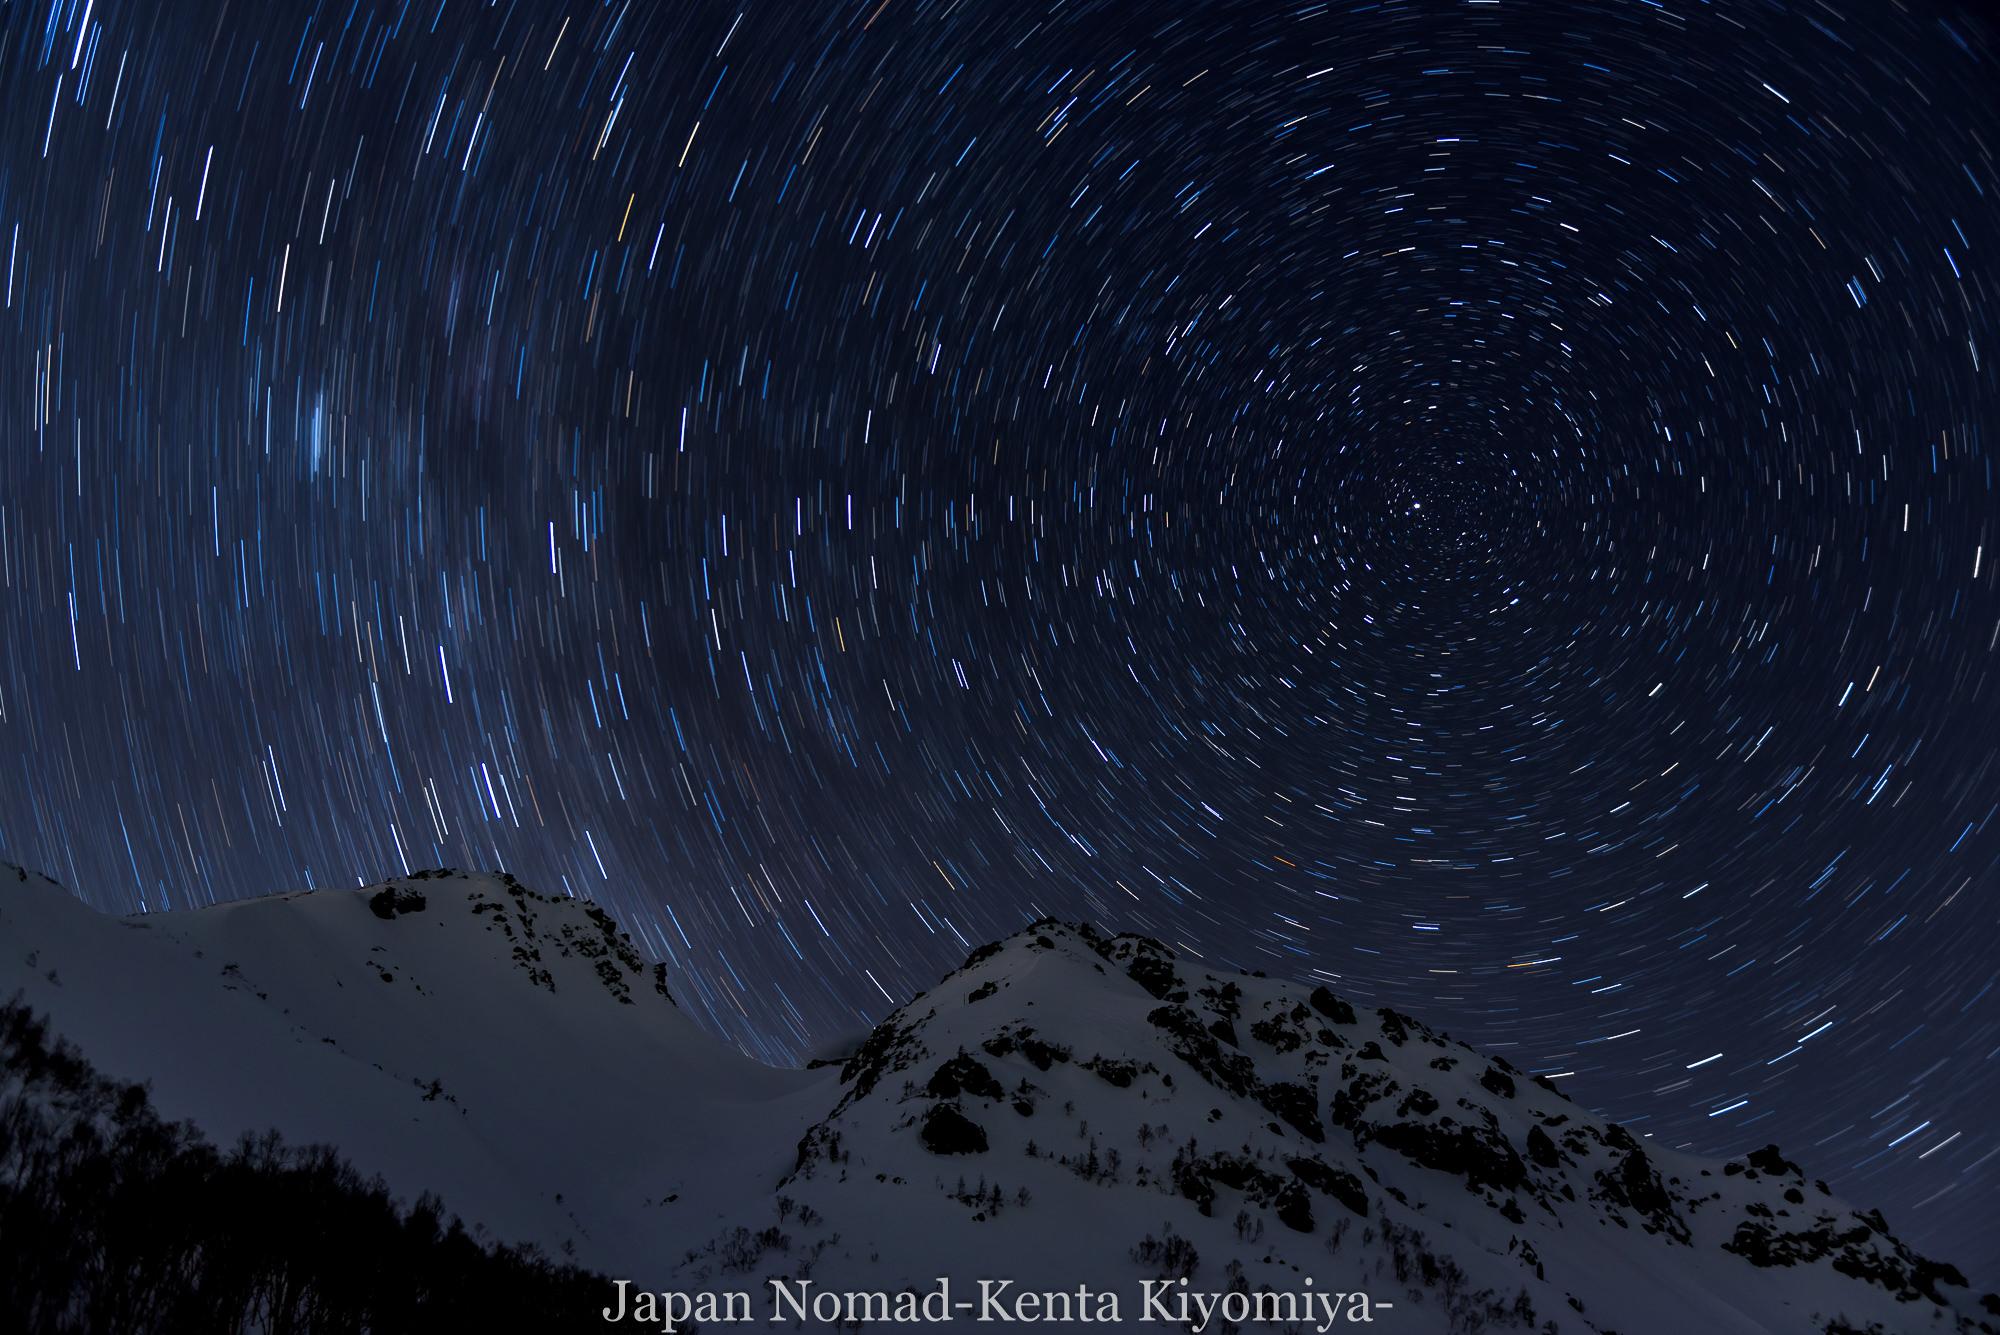 【北アルプス】焼岳 雪山登山(後編)~焼岳と満天の星空~